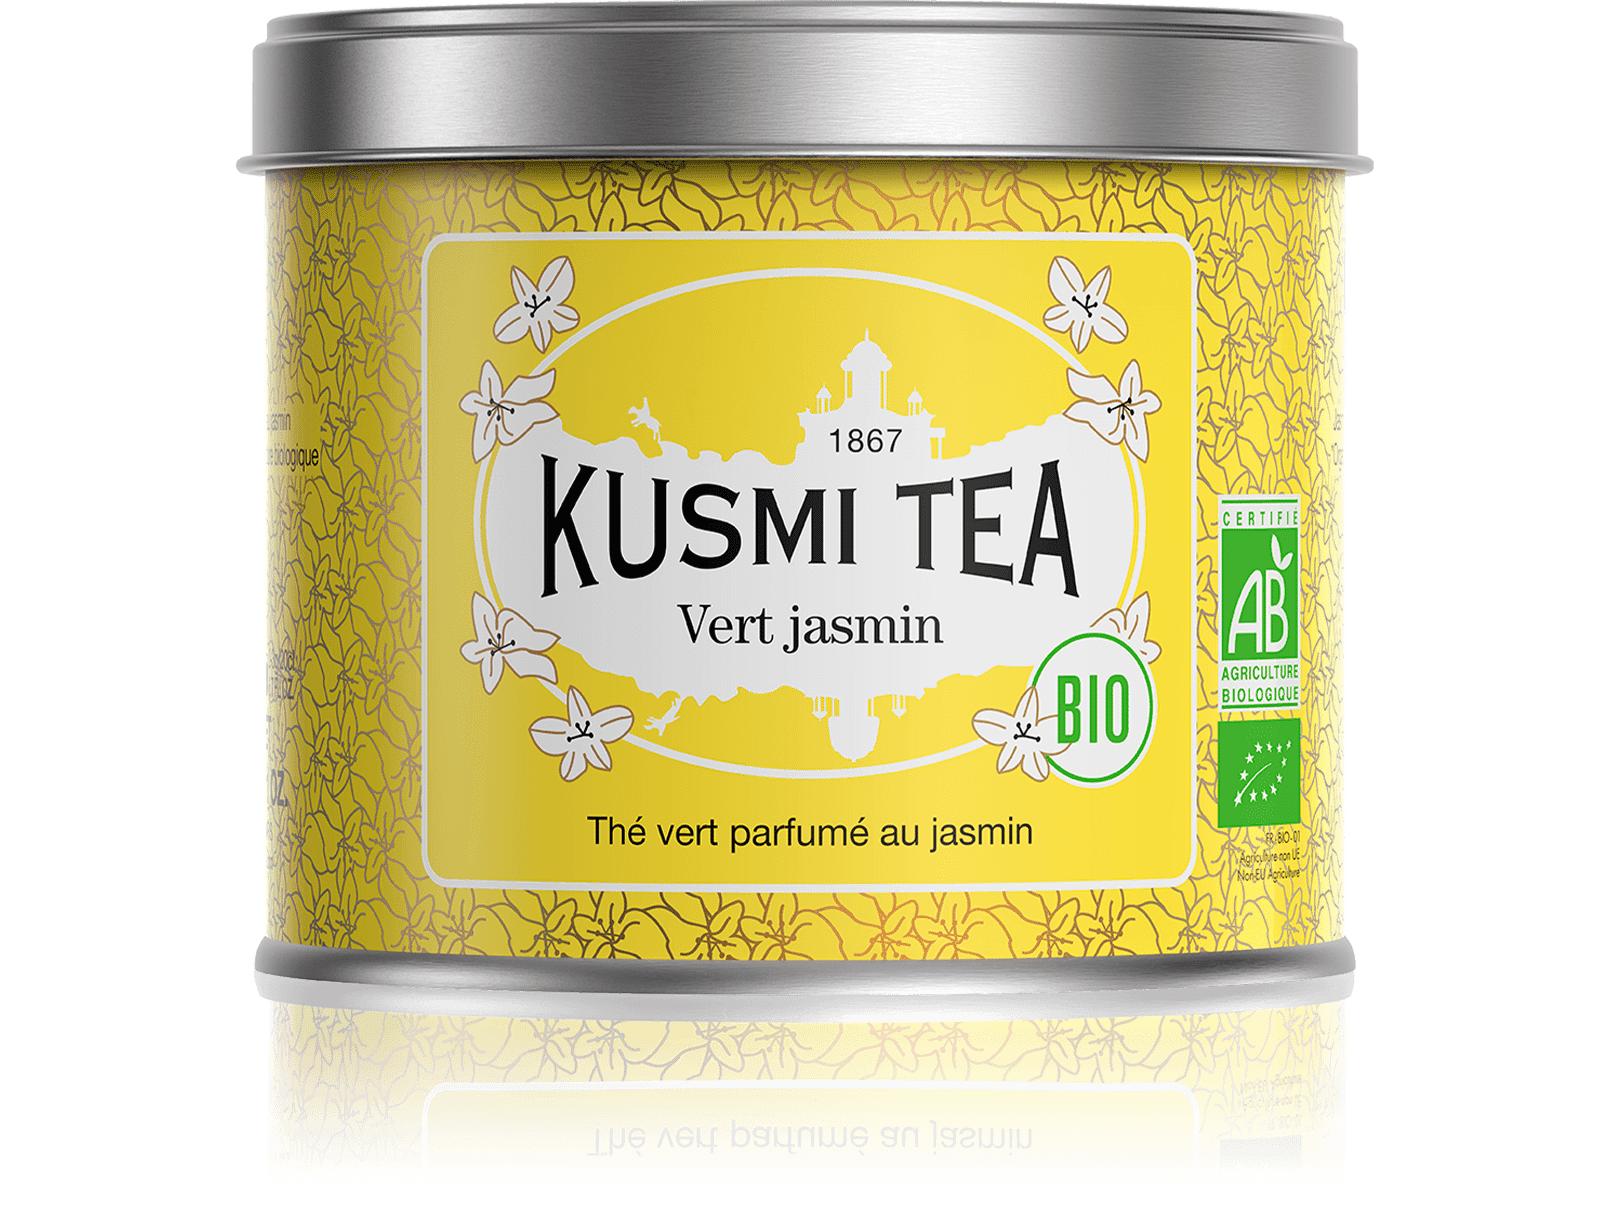 KUSMI TEA Vert Jasmin bio - Thé vert au jasmin - Boîte de thé en vrac - Kusmi Tea